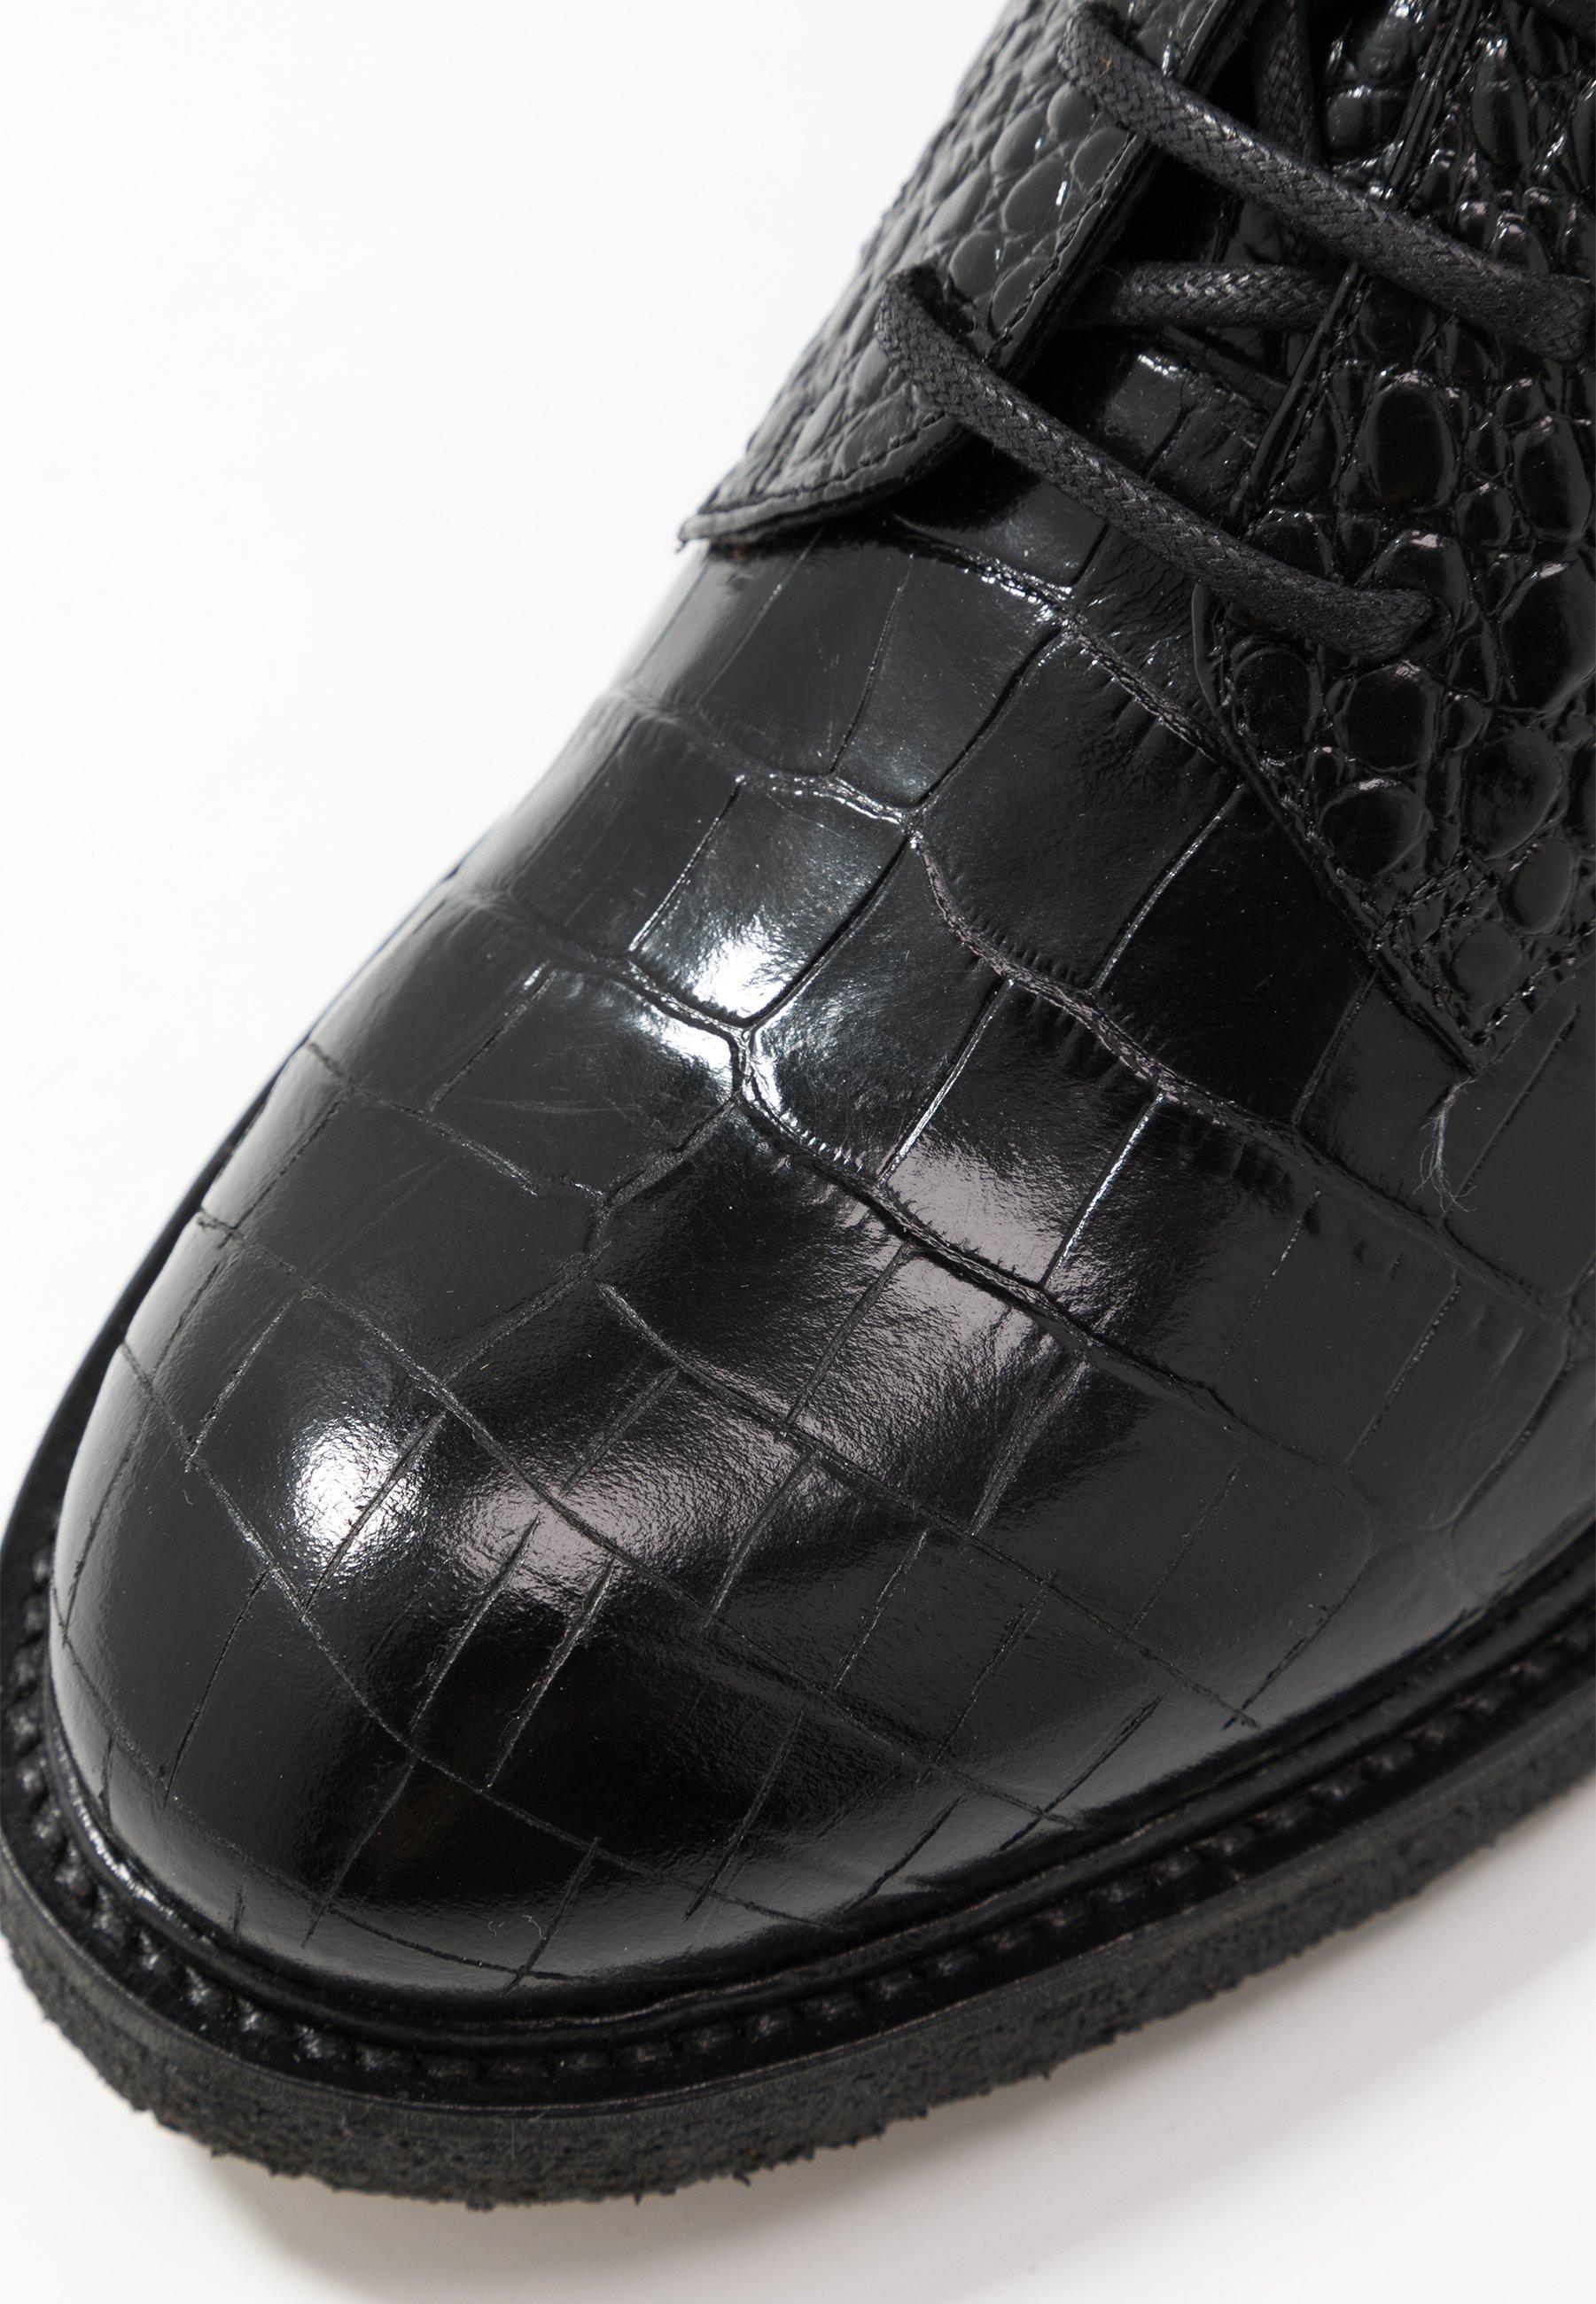 Billi Bi Nauhalliset nilkkurit - black louisiana - Naisten kengät ahh5o